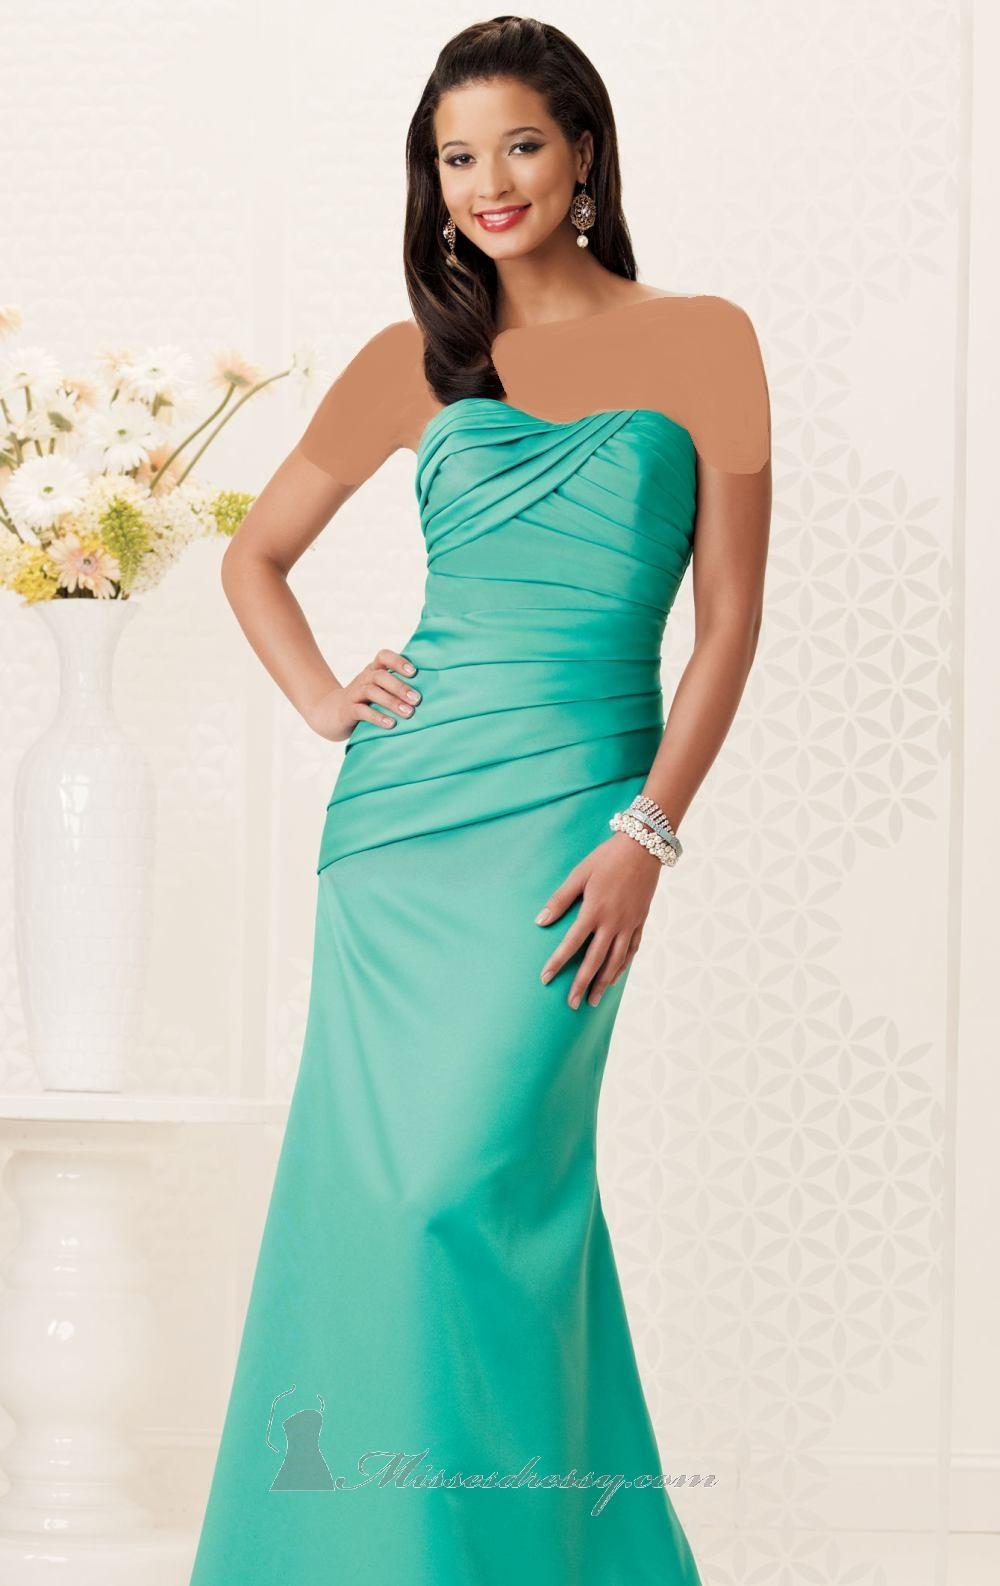 www.ysame.ir -مدل لباس مجلسی و لباس شب جدید